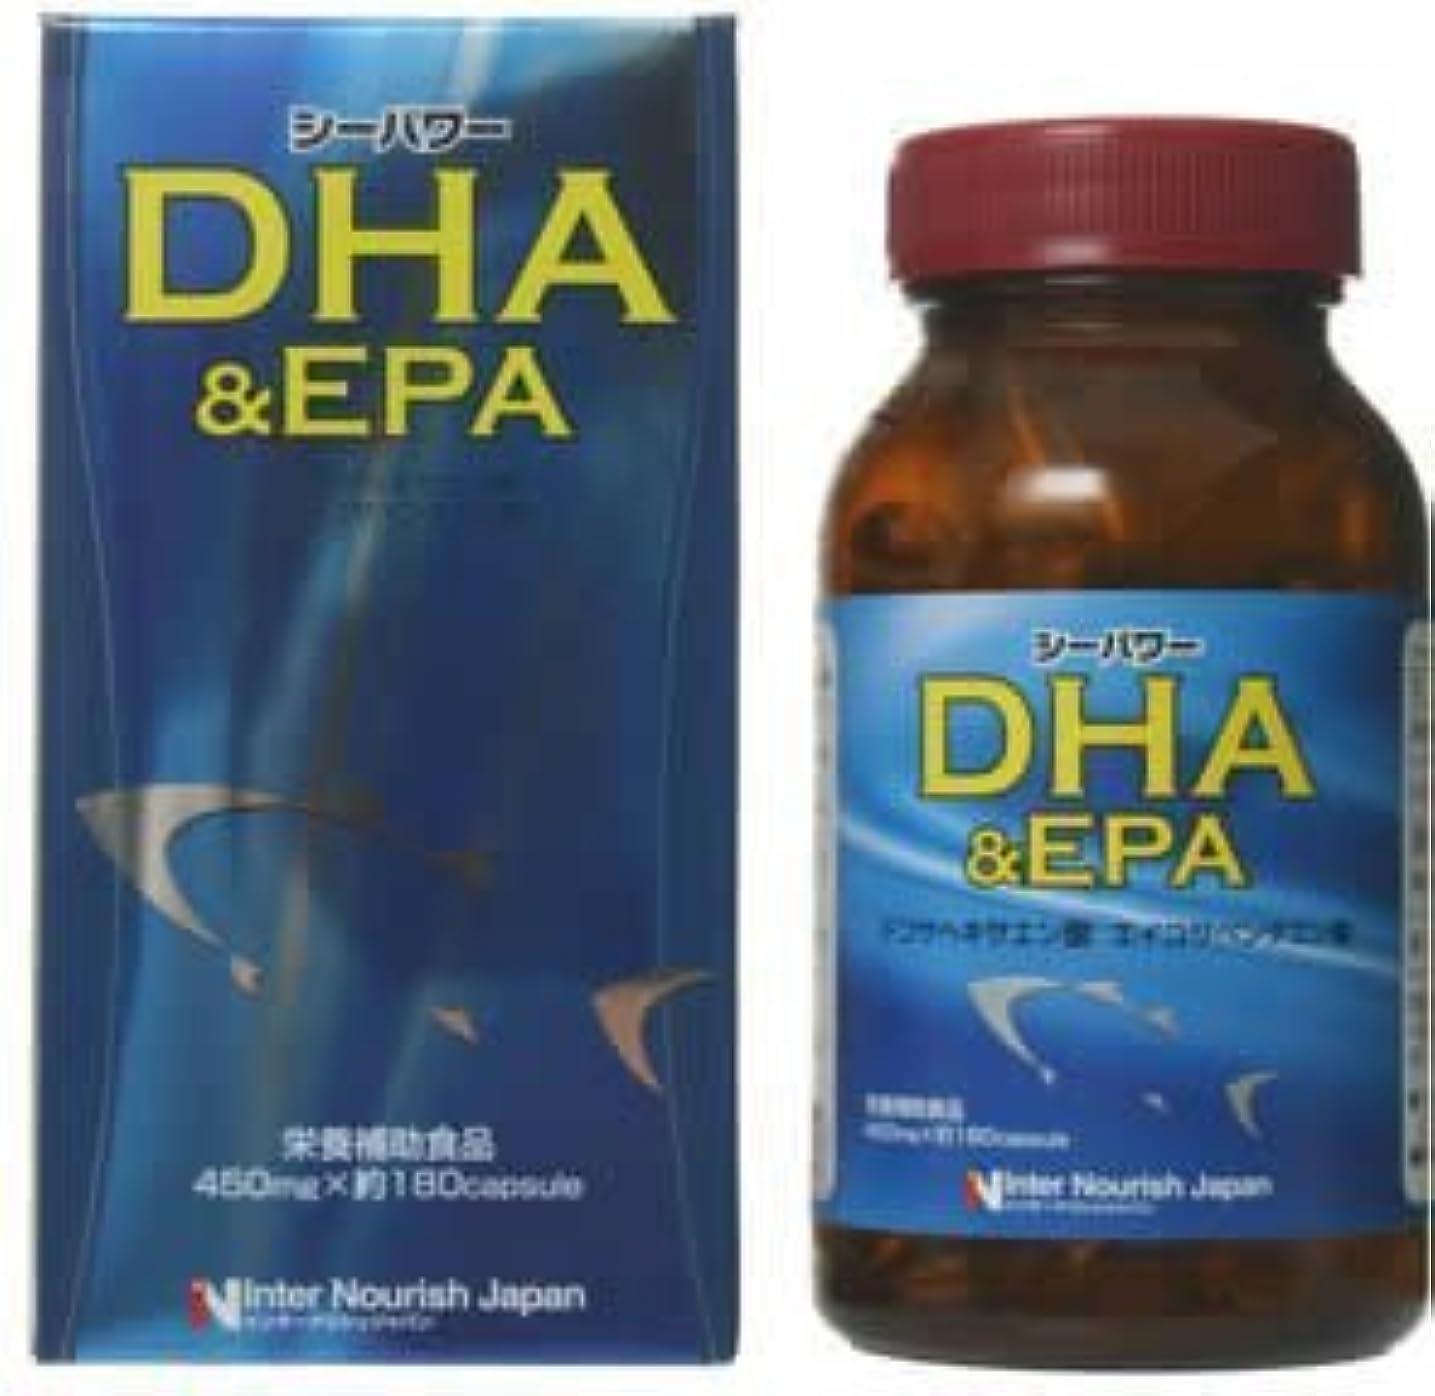 ウェブ当社不幸シーパワーDHA+EPA 450mg×180粒